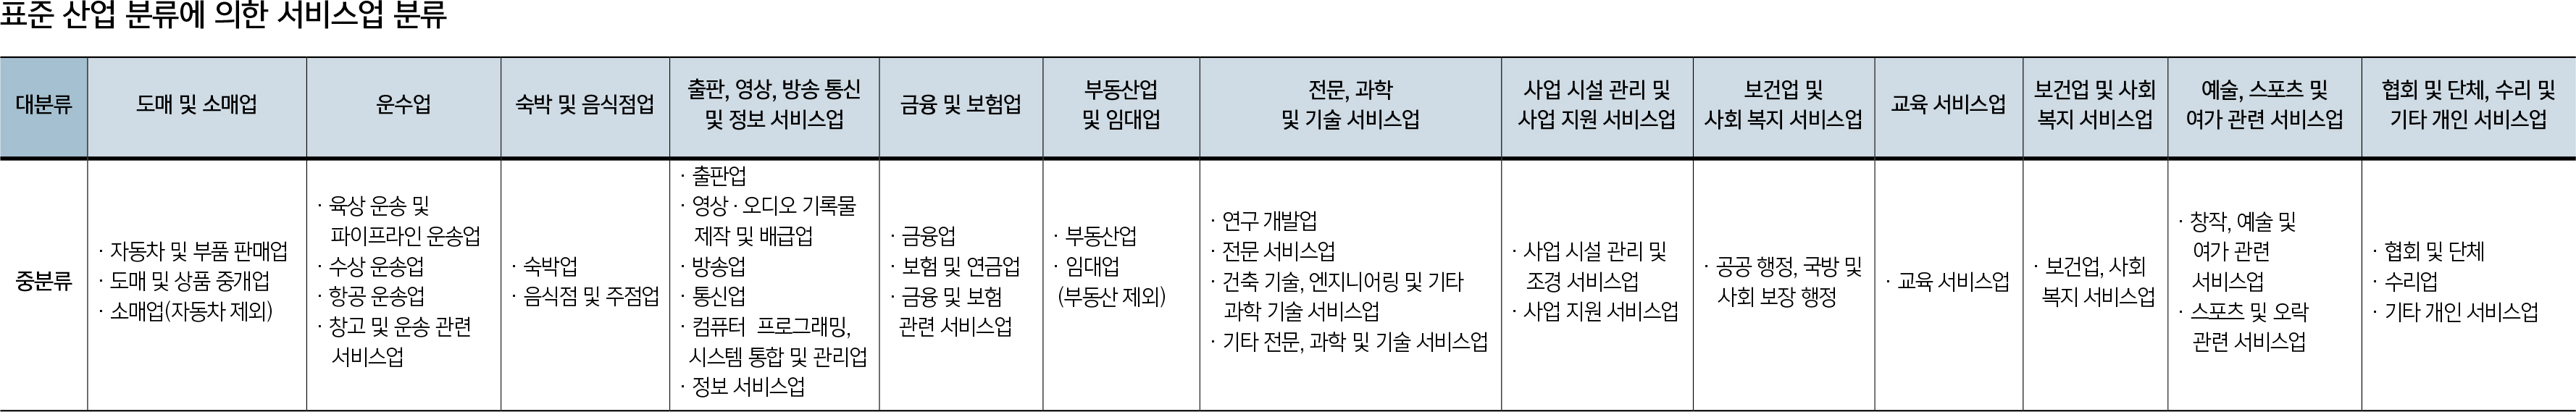 표준 산업 분류에 의한 서비스업 분류